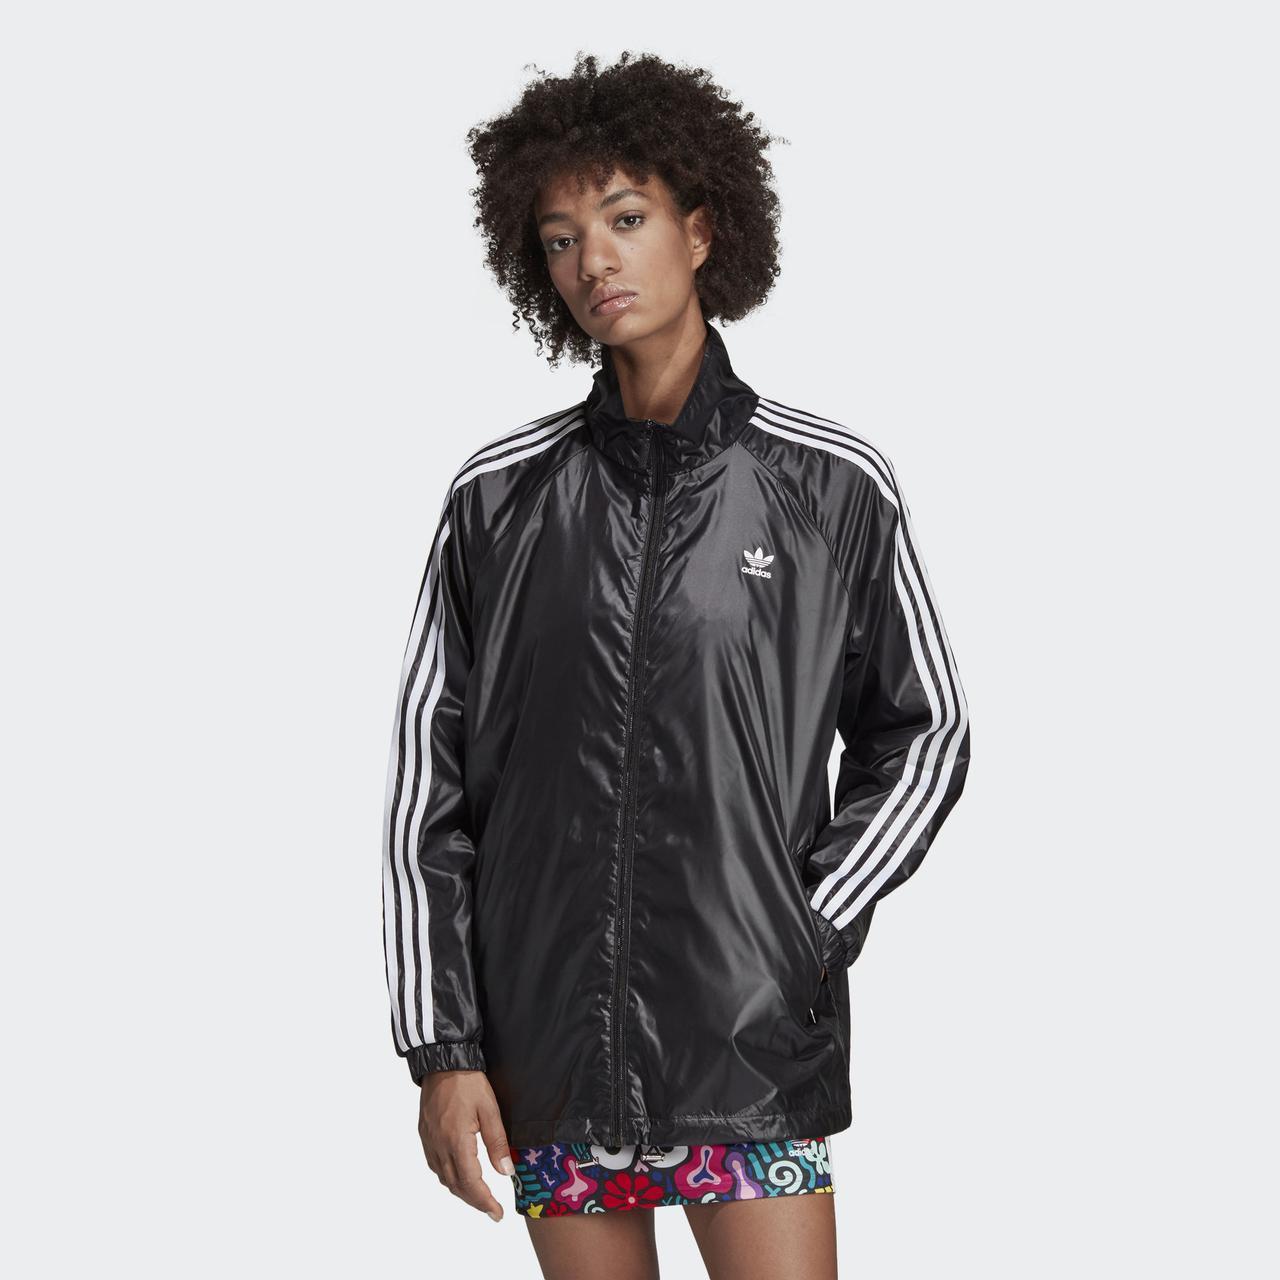 425558e3 Ветровка женская Adidas 3-Stripes W DV2655 - 2019 - Интернет магазин Tip -  все